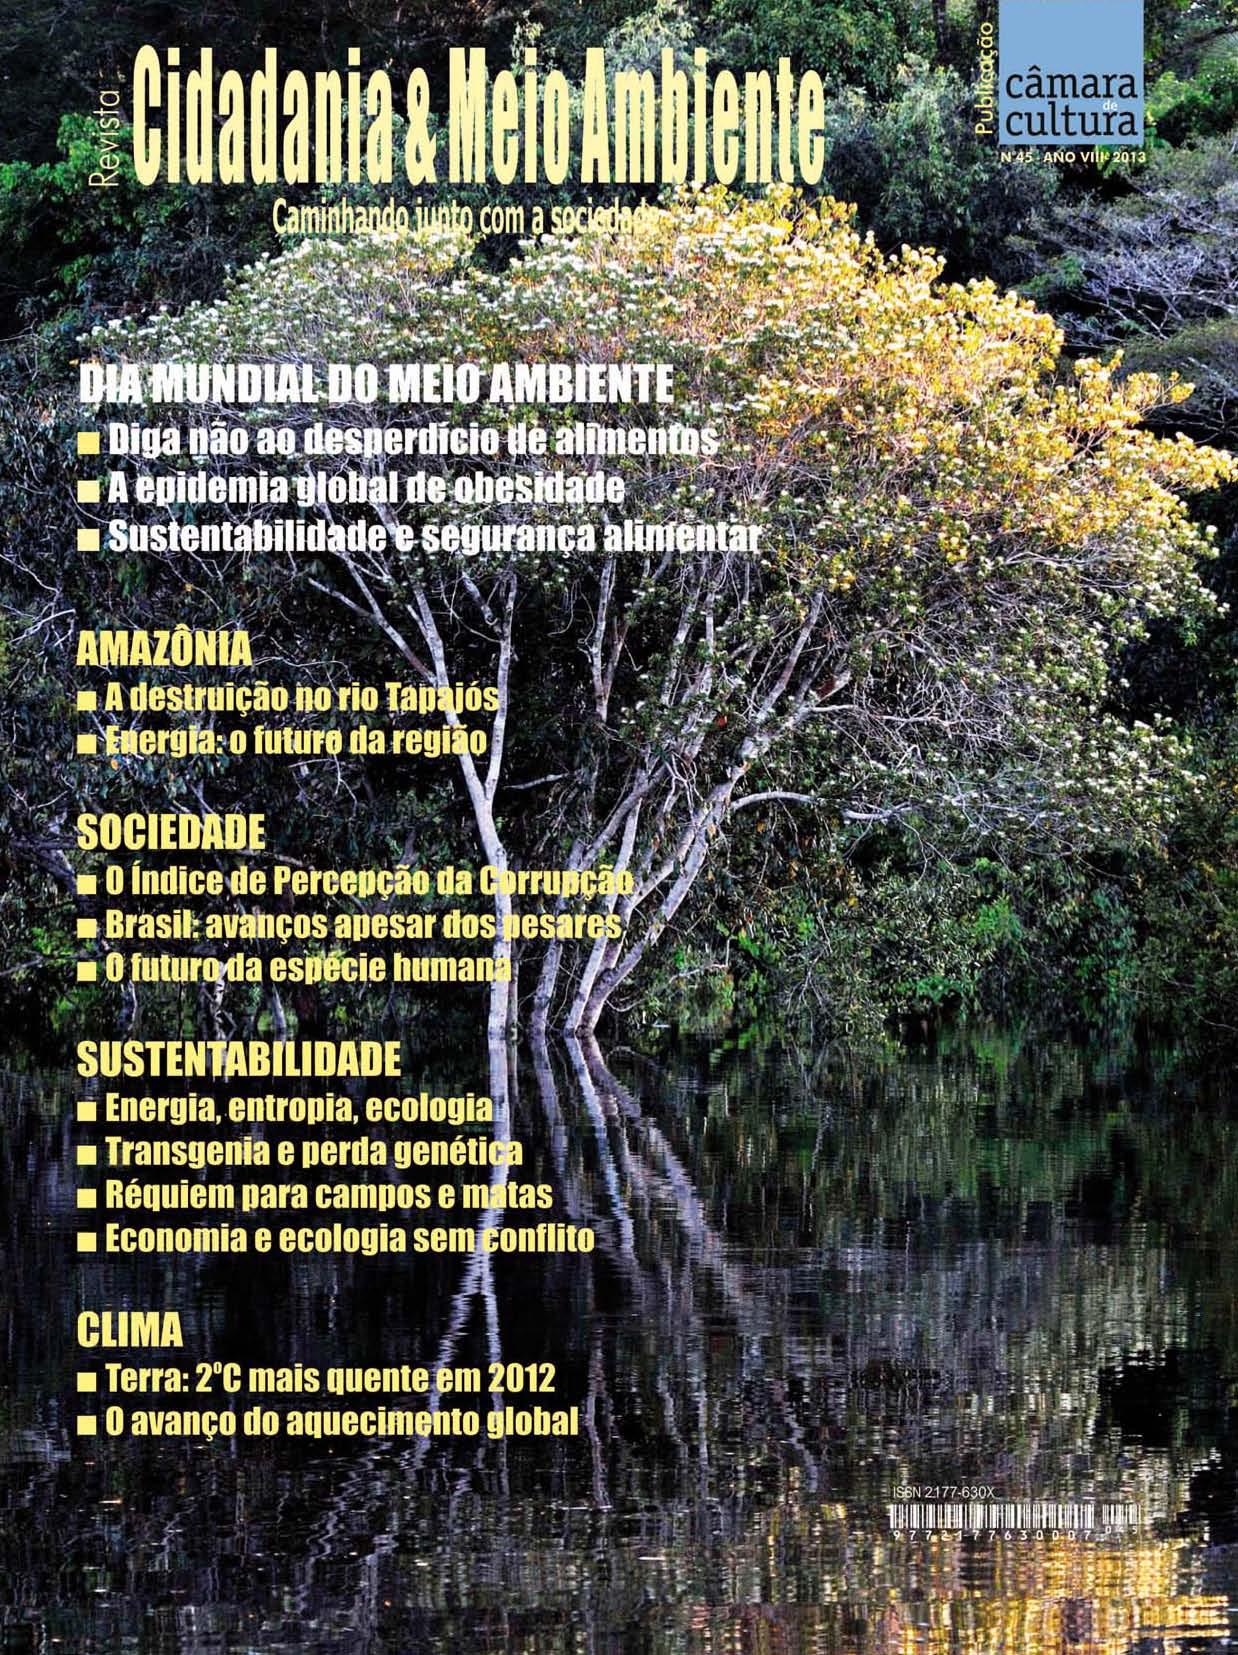 Capa da Edição n° 45 da revista Cidadania & Meio Ambiente